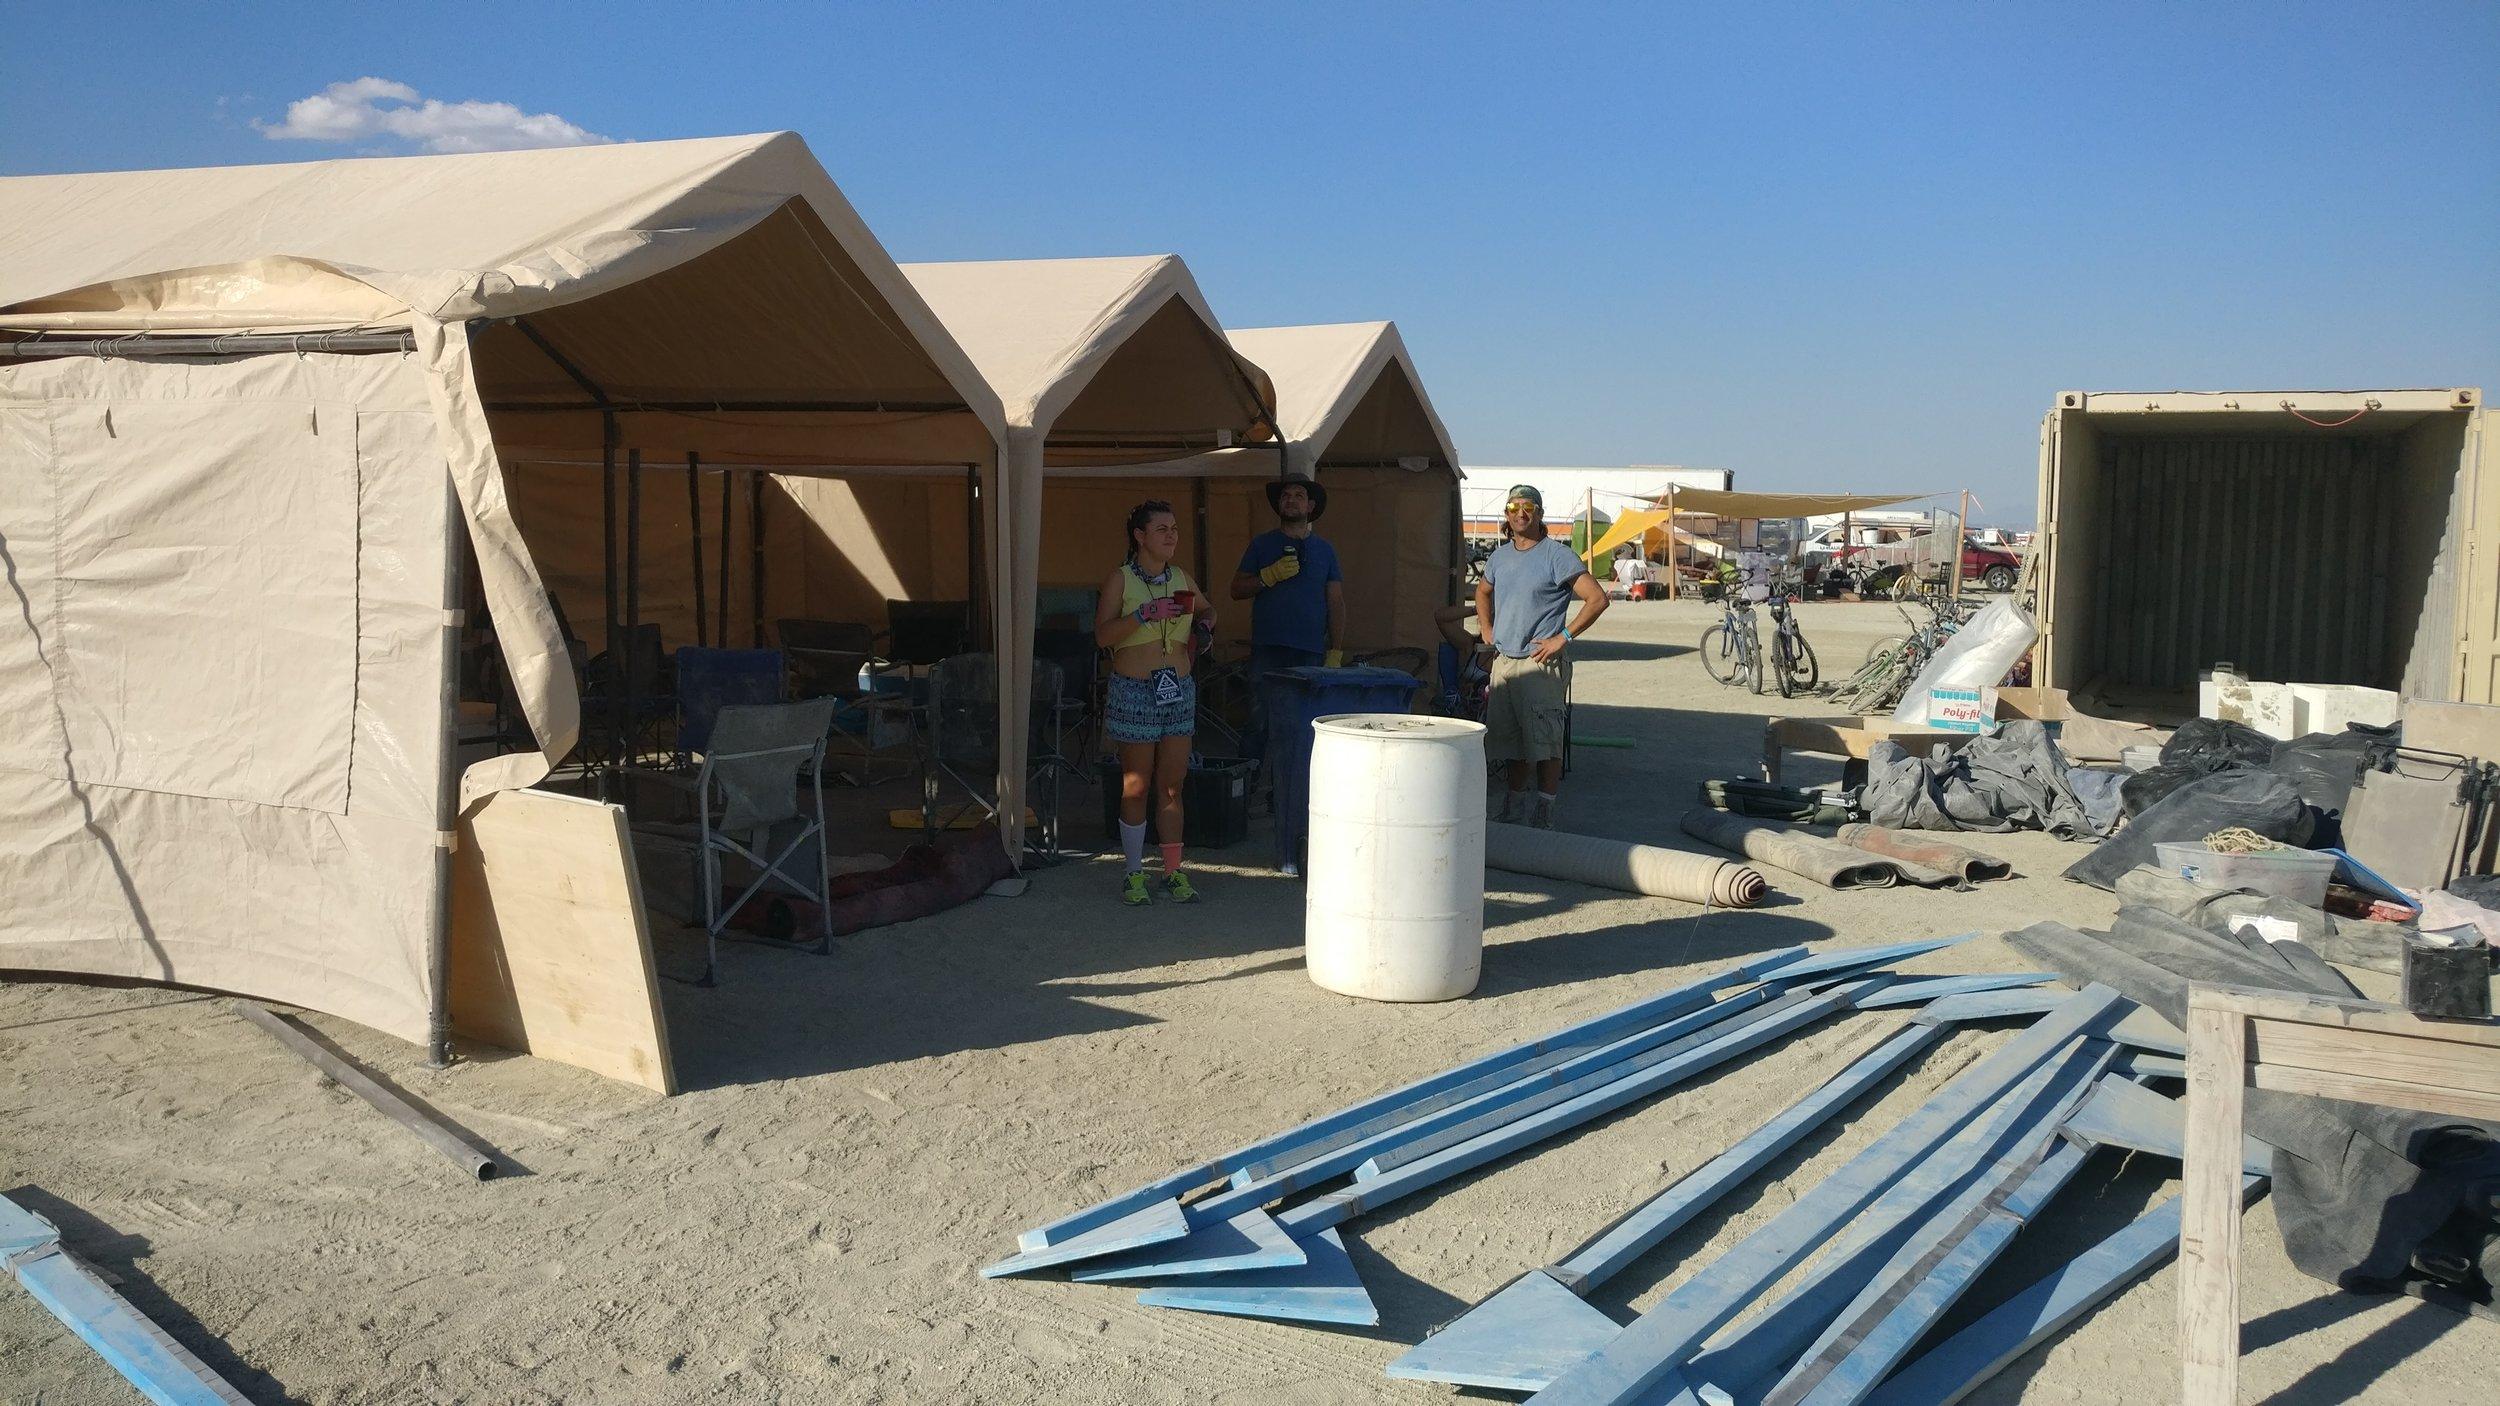 camp_setup_2.jpg